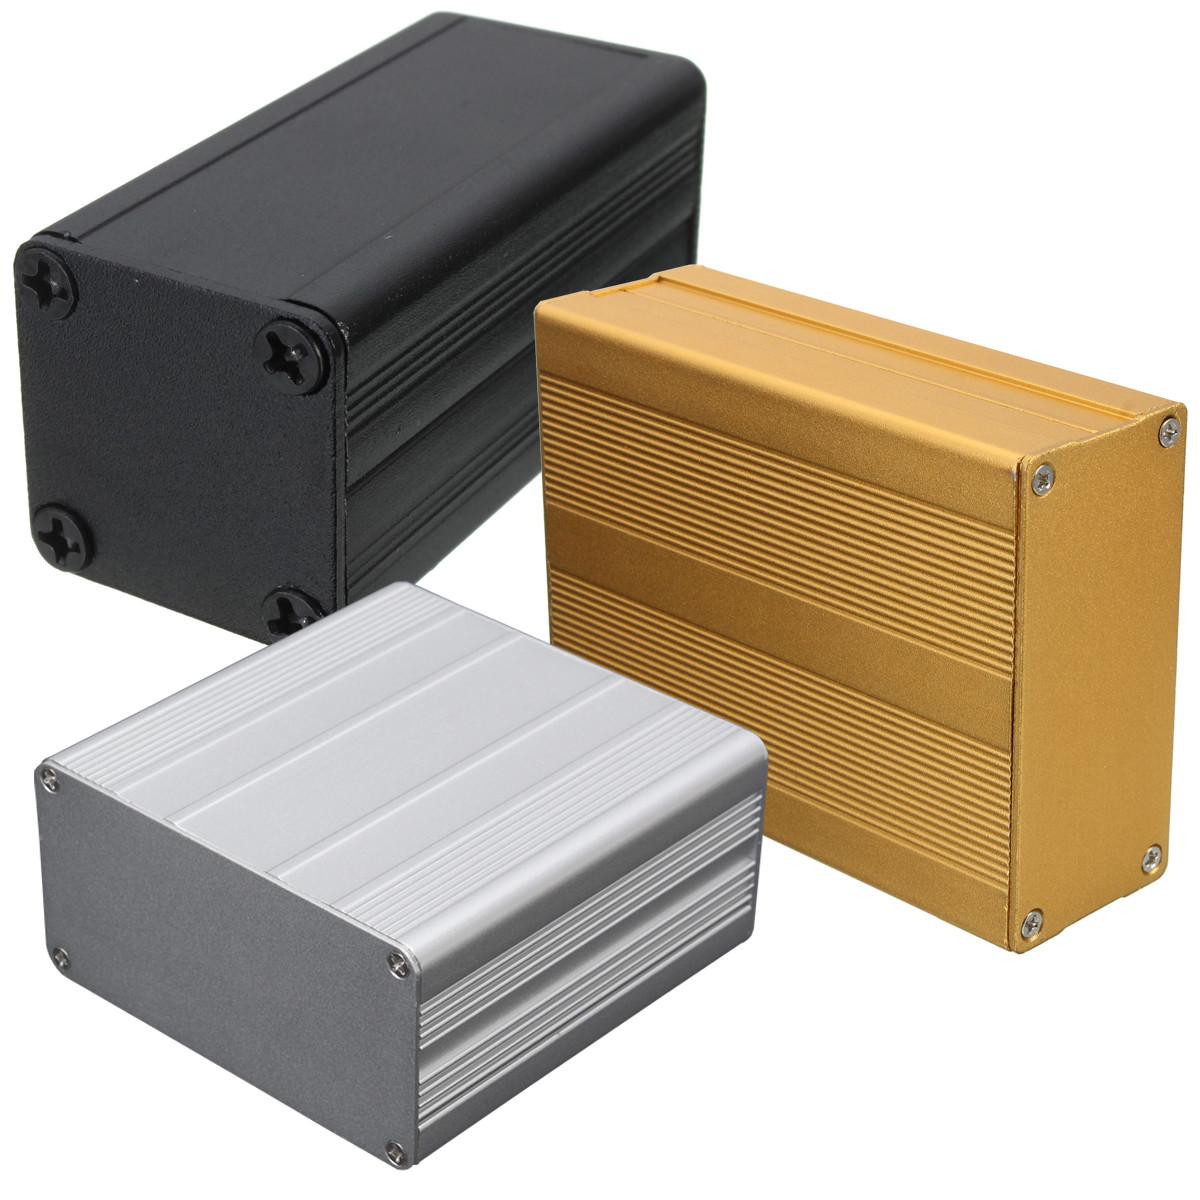 aluminum project box Extruded aluminum electronic project box enclosure case: amazoncouk:  camera & photo.